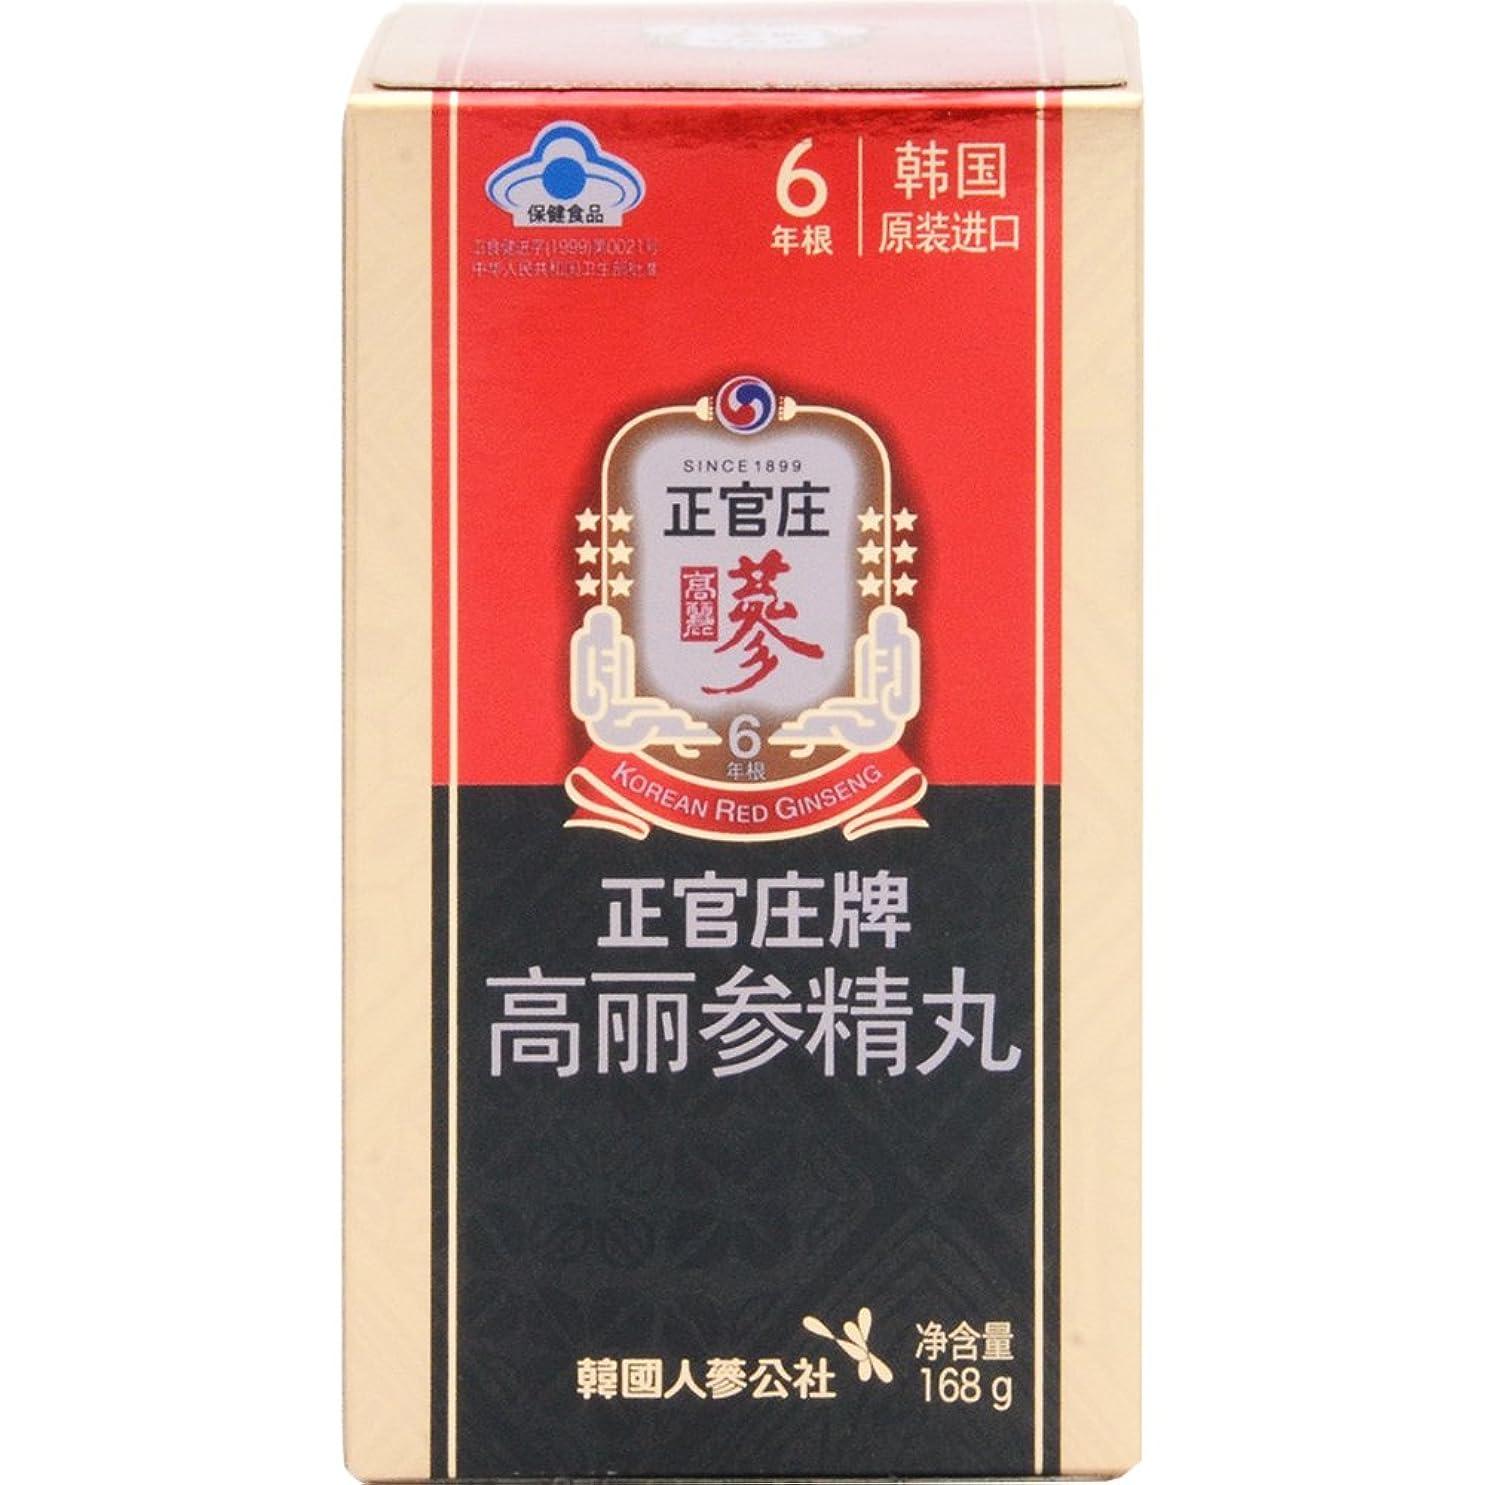 産地困惑進化韓国紅参ブランド『正官庄』(6年高麗人参)紅参精丸168g(800丸入り)